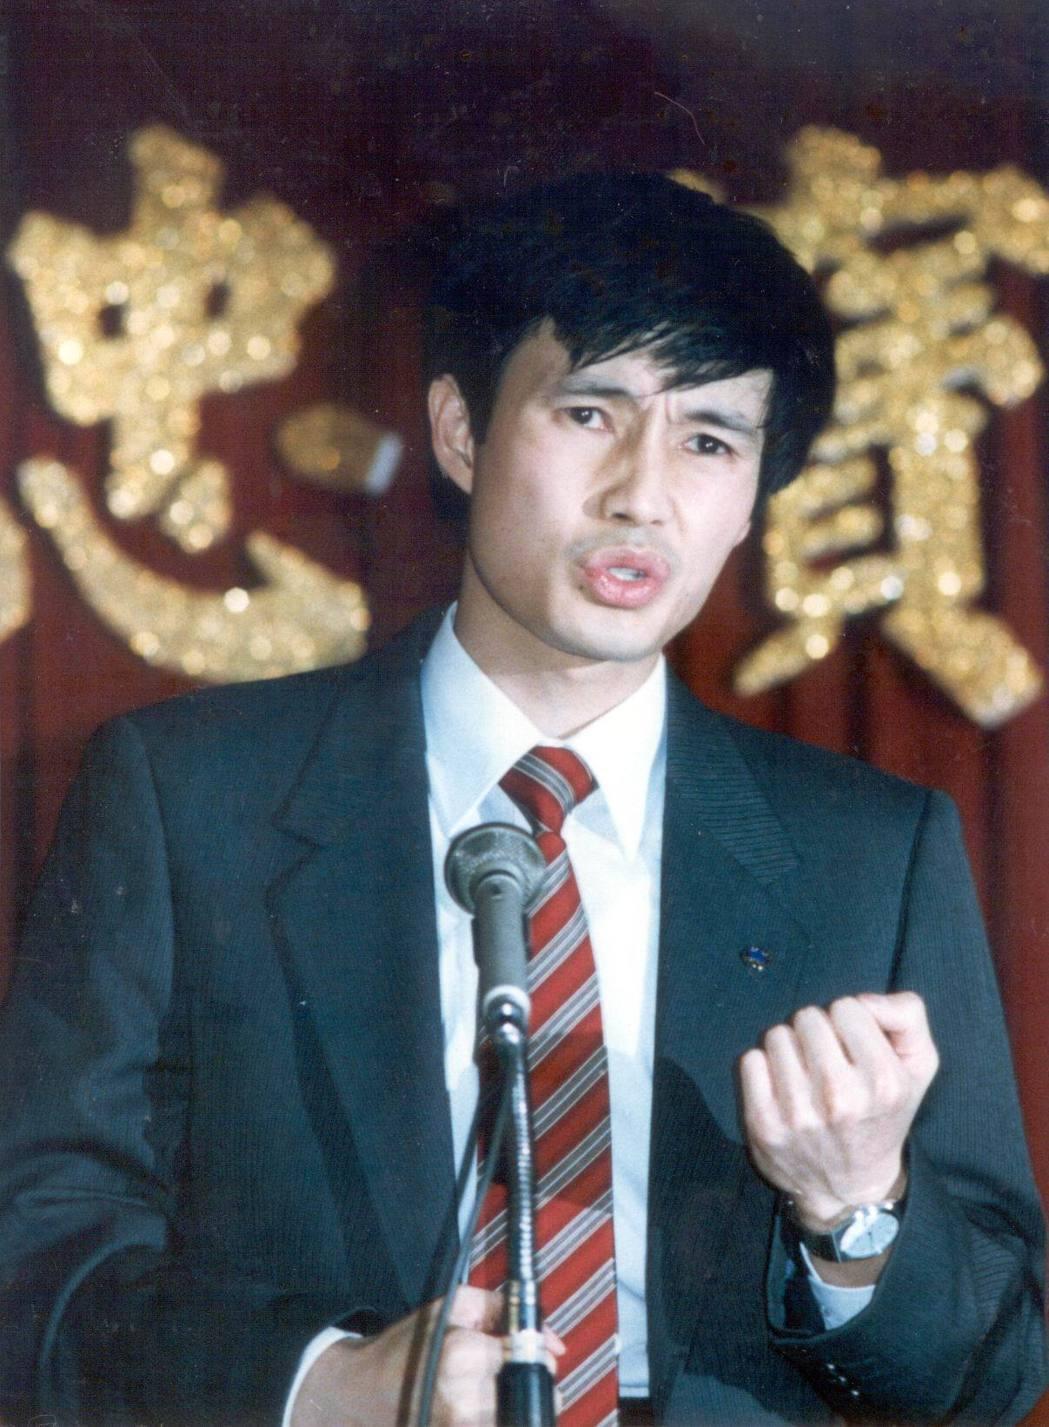 陳寶忠說:「在中共暴政下,根本不把人當人看。」 報系資料照